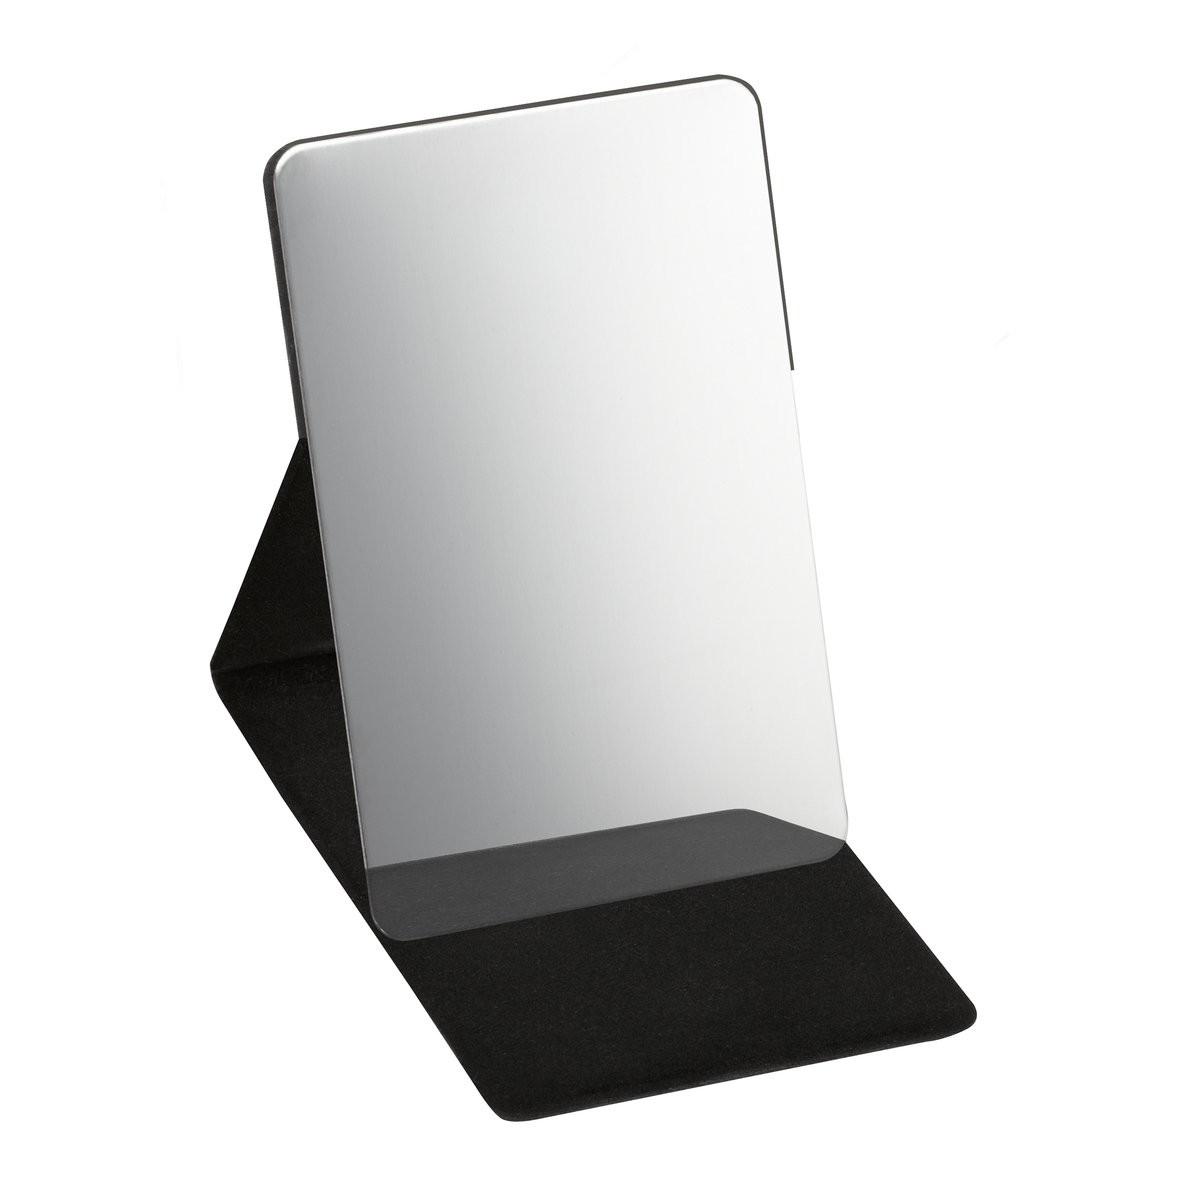 Taschenspiegel REFLECTS-HARBEL BLACK, Ansicht 6